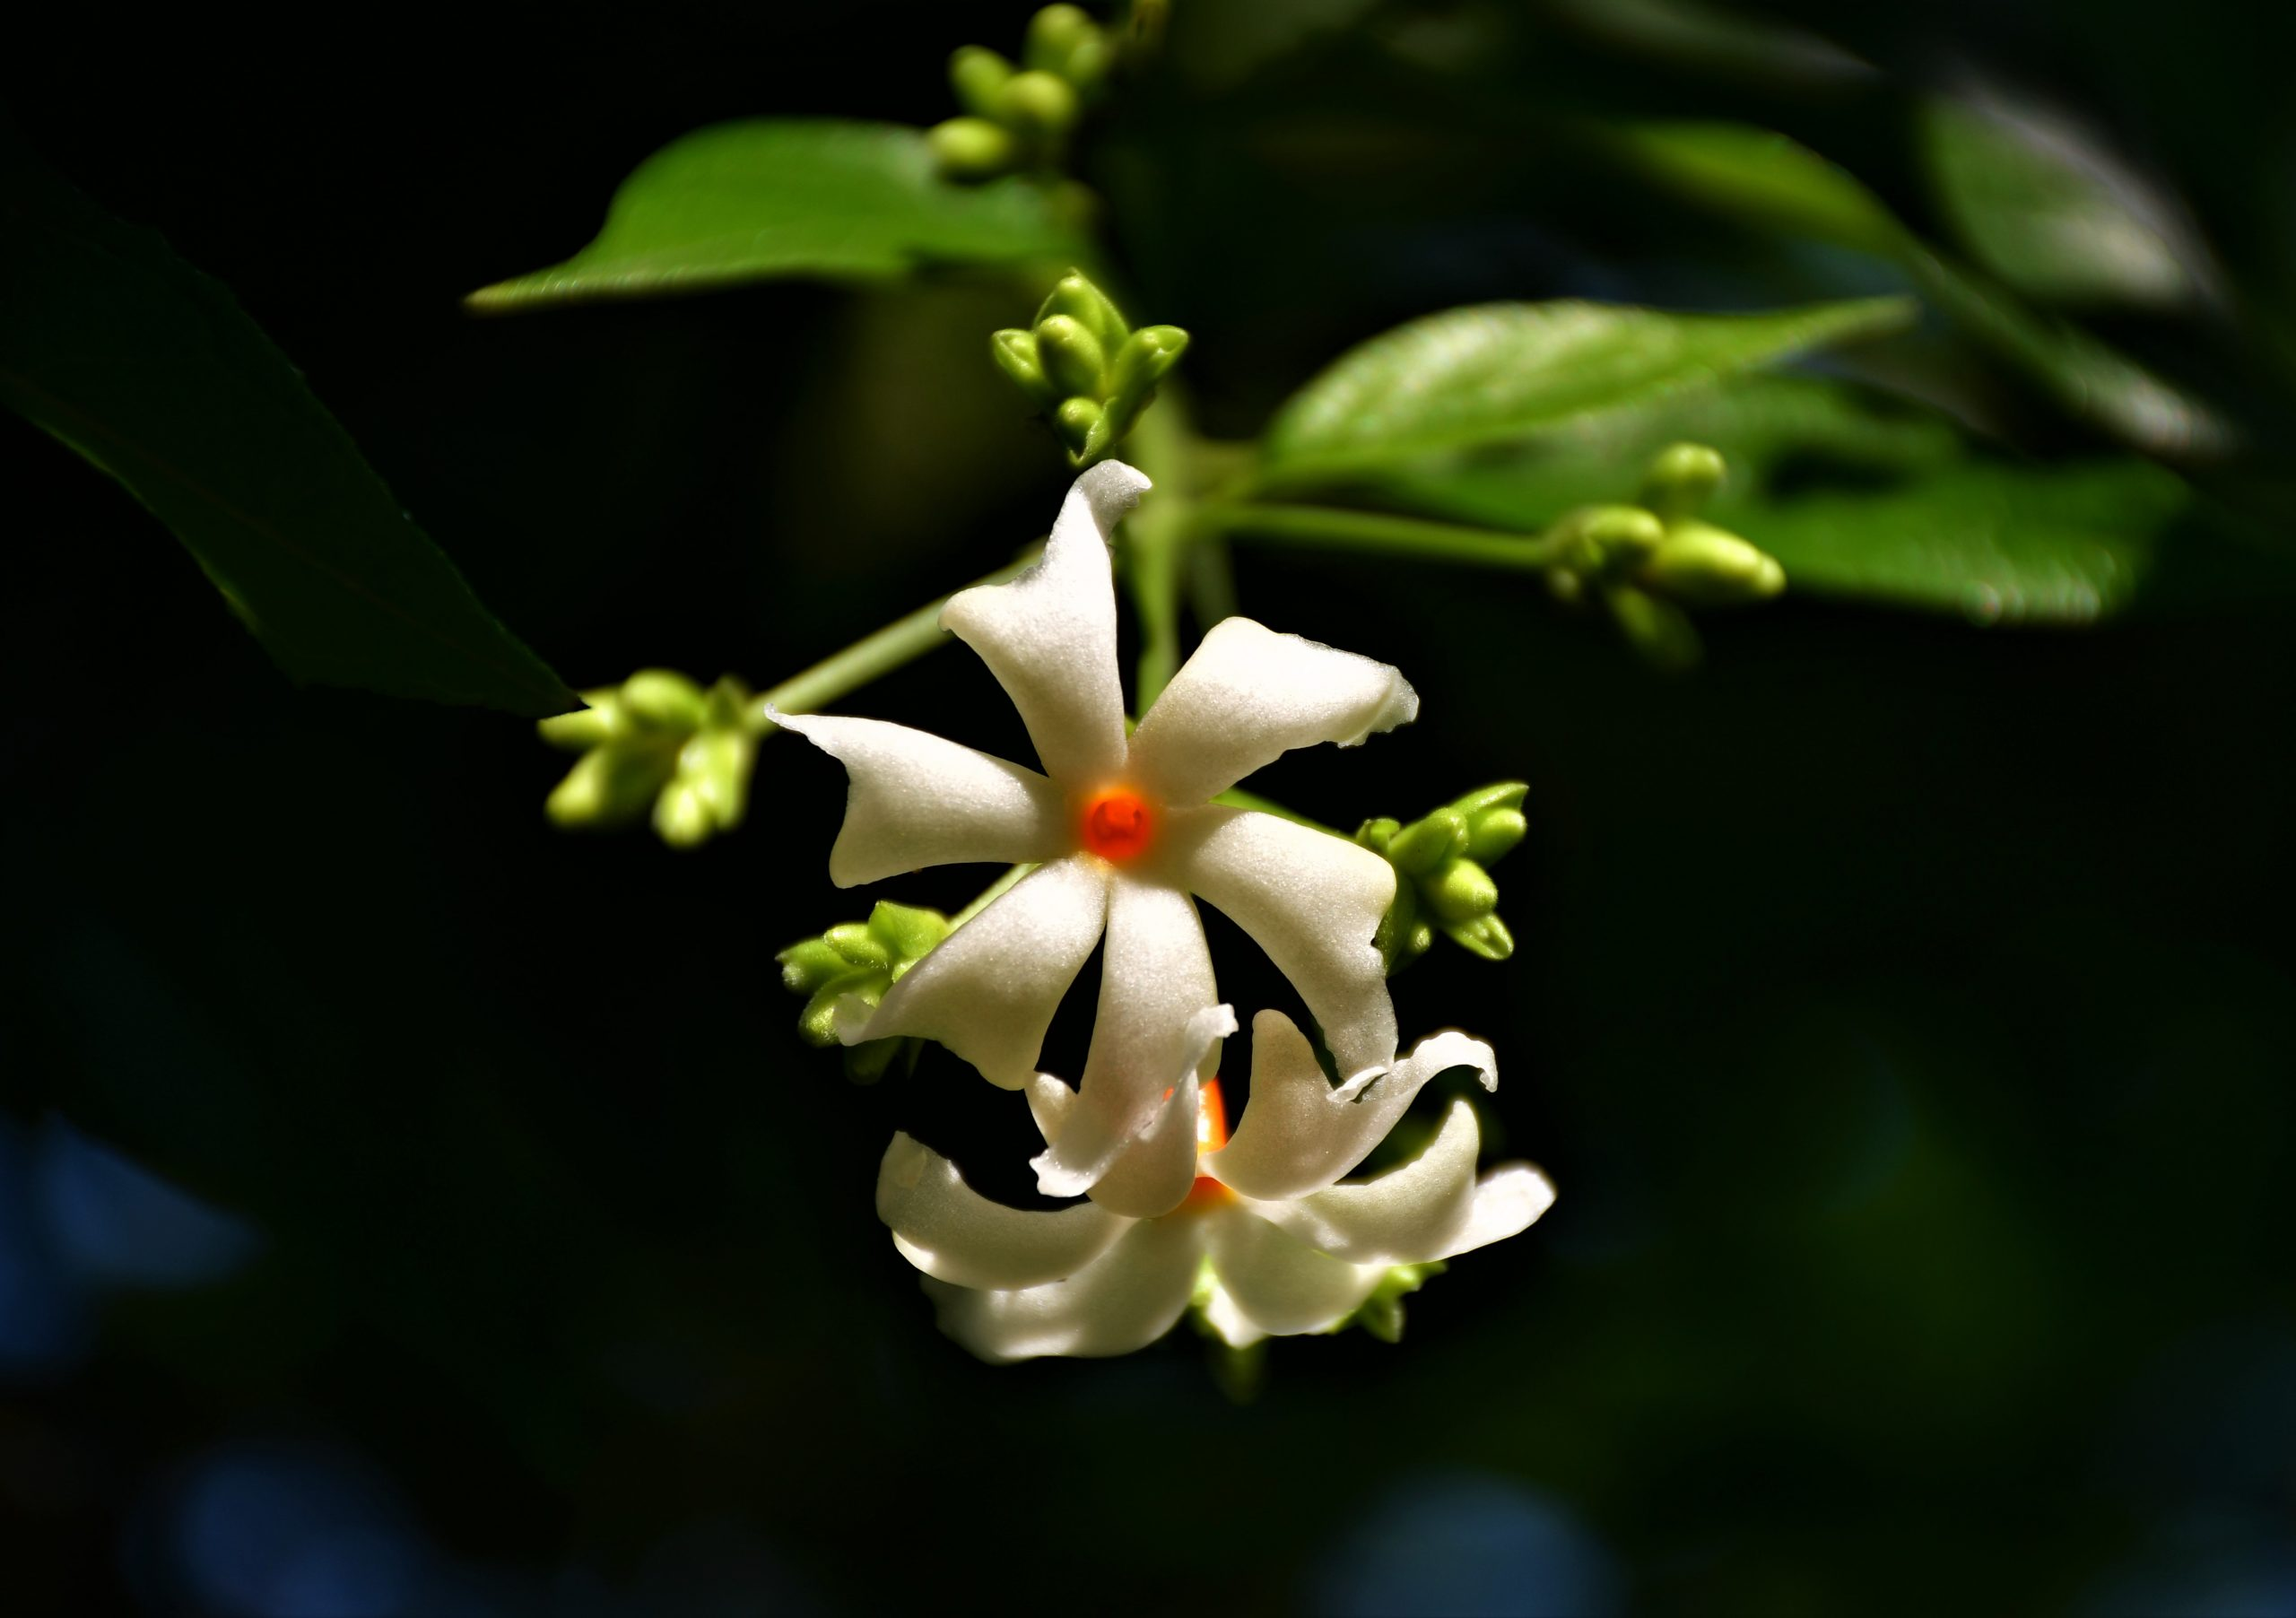 White flower of Night-Flowering Plant